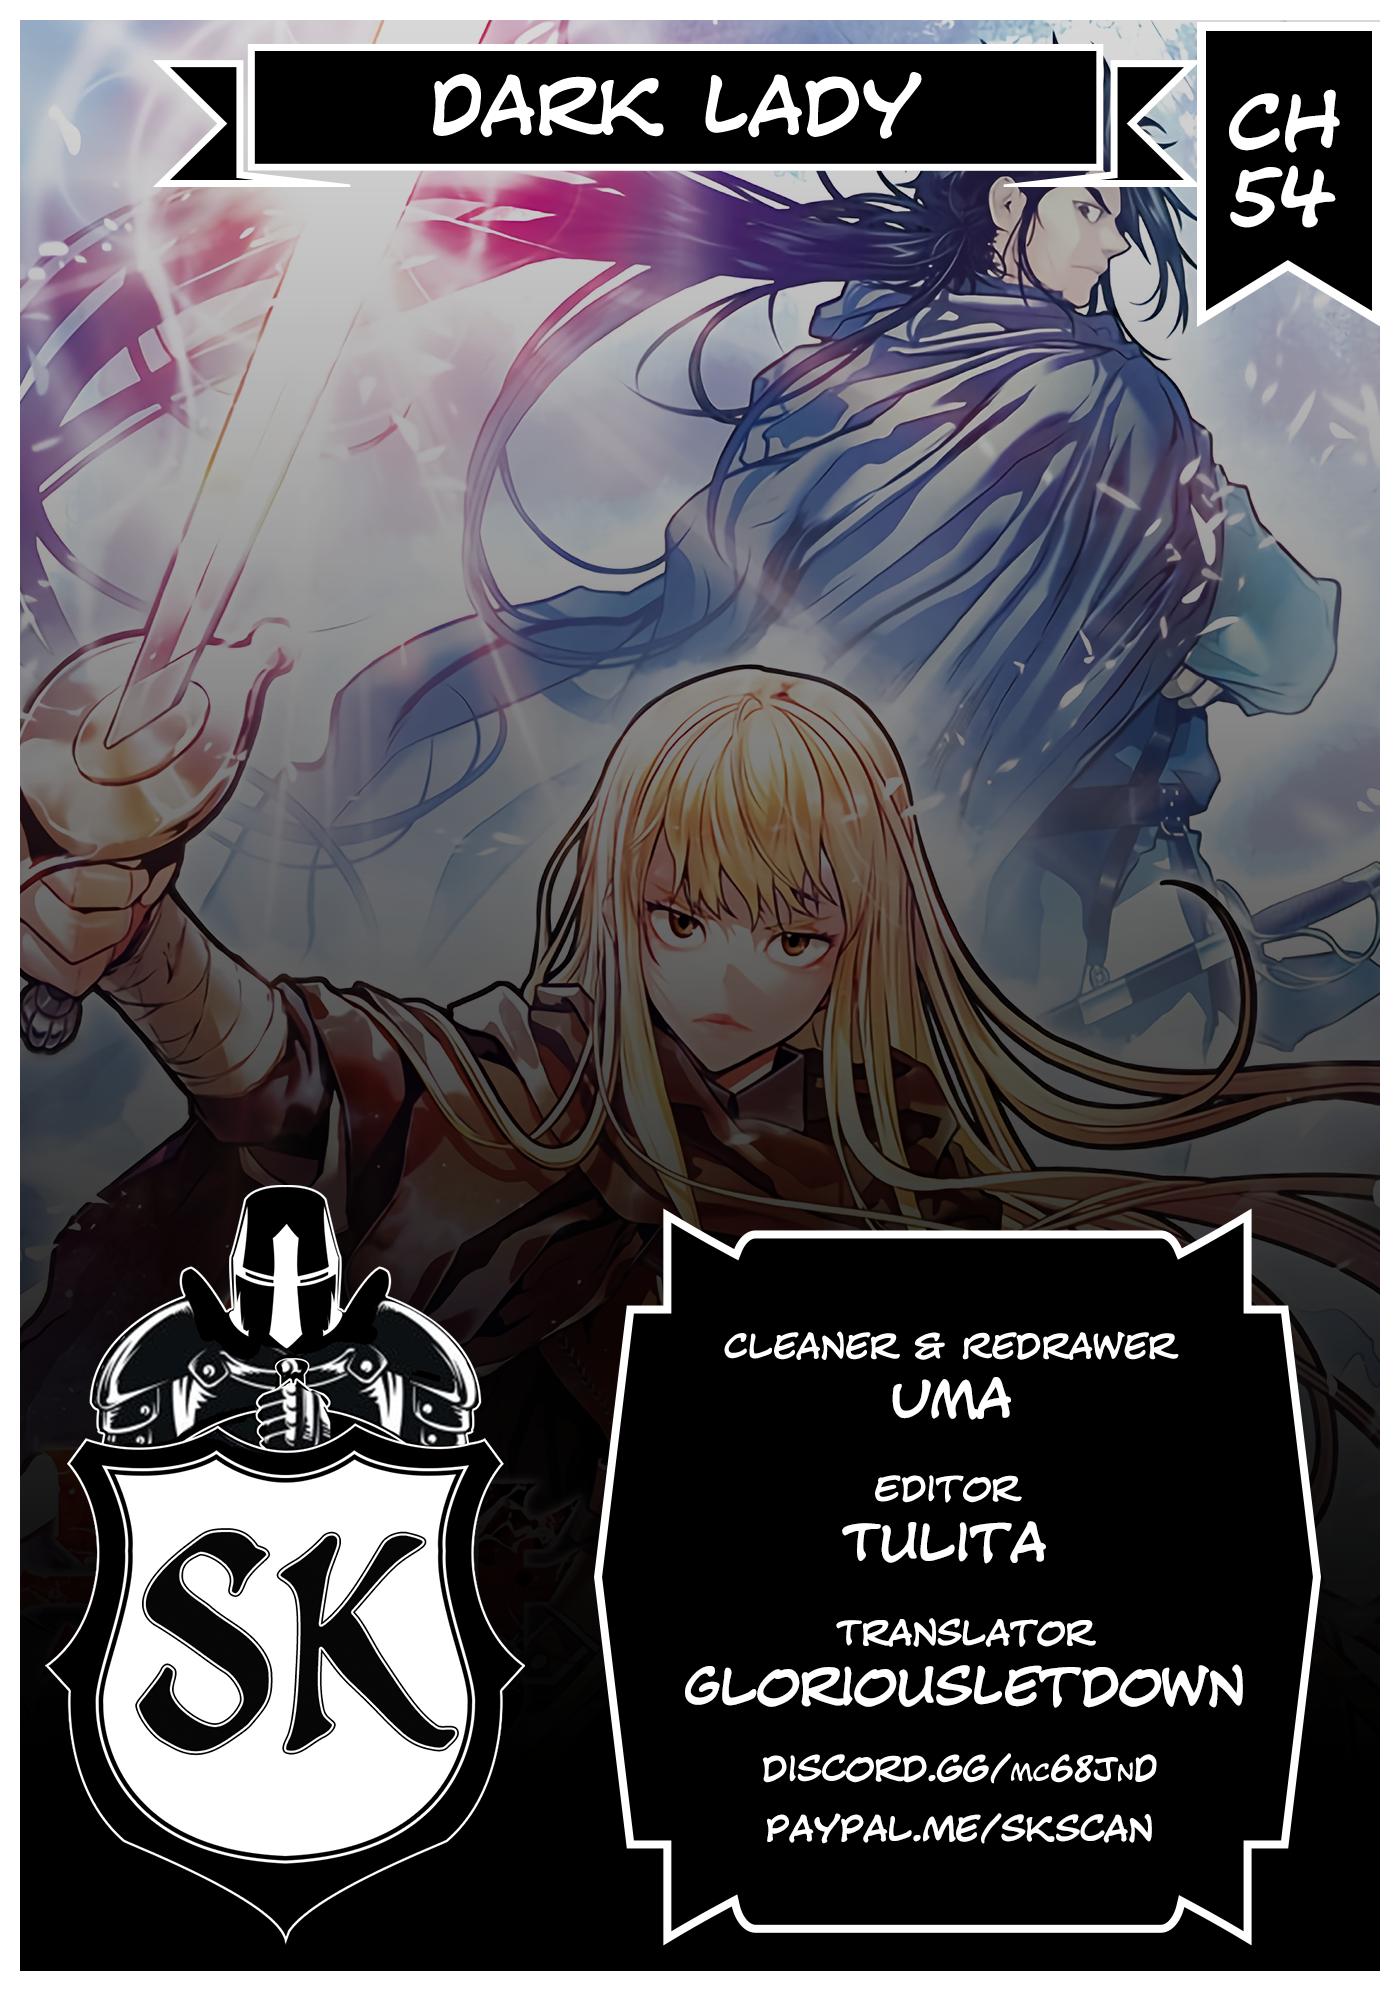 Manga MookHyang - Dark Lady - Chapter 54 Page 1